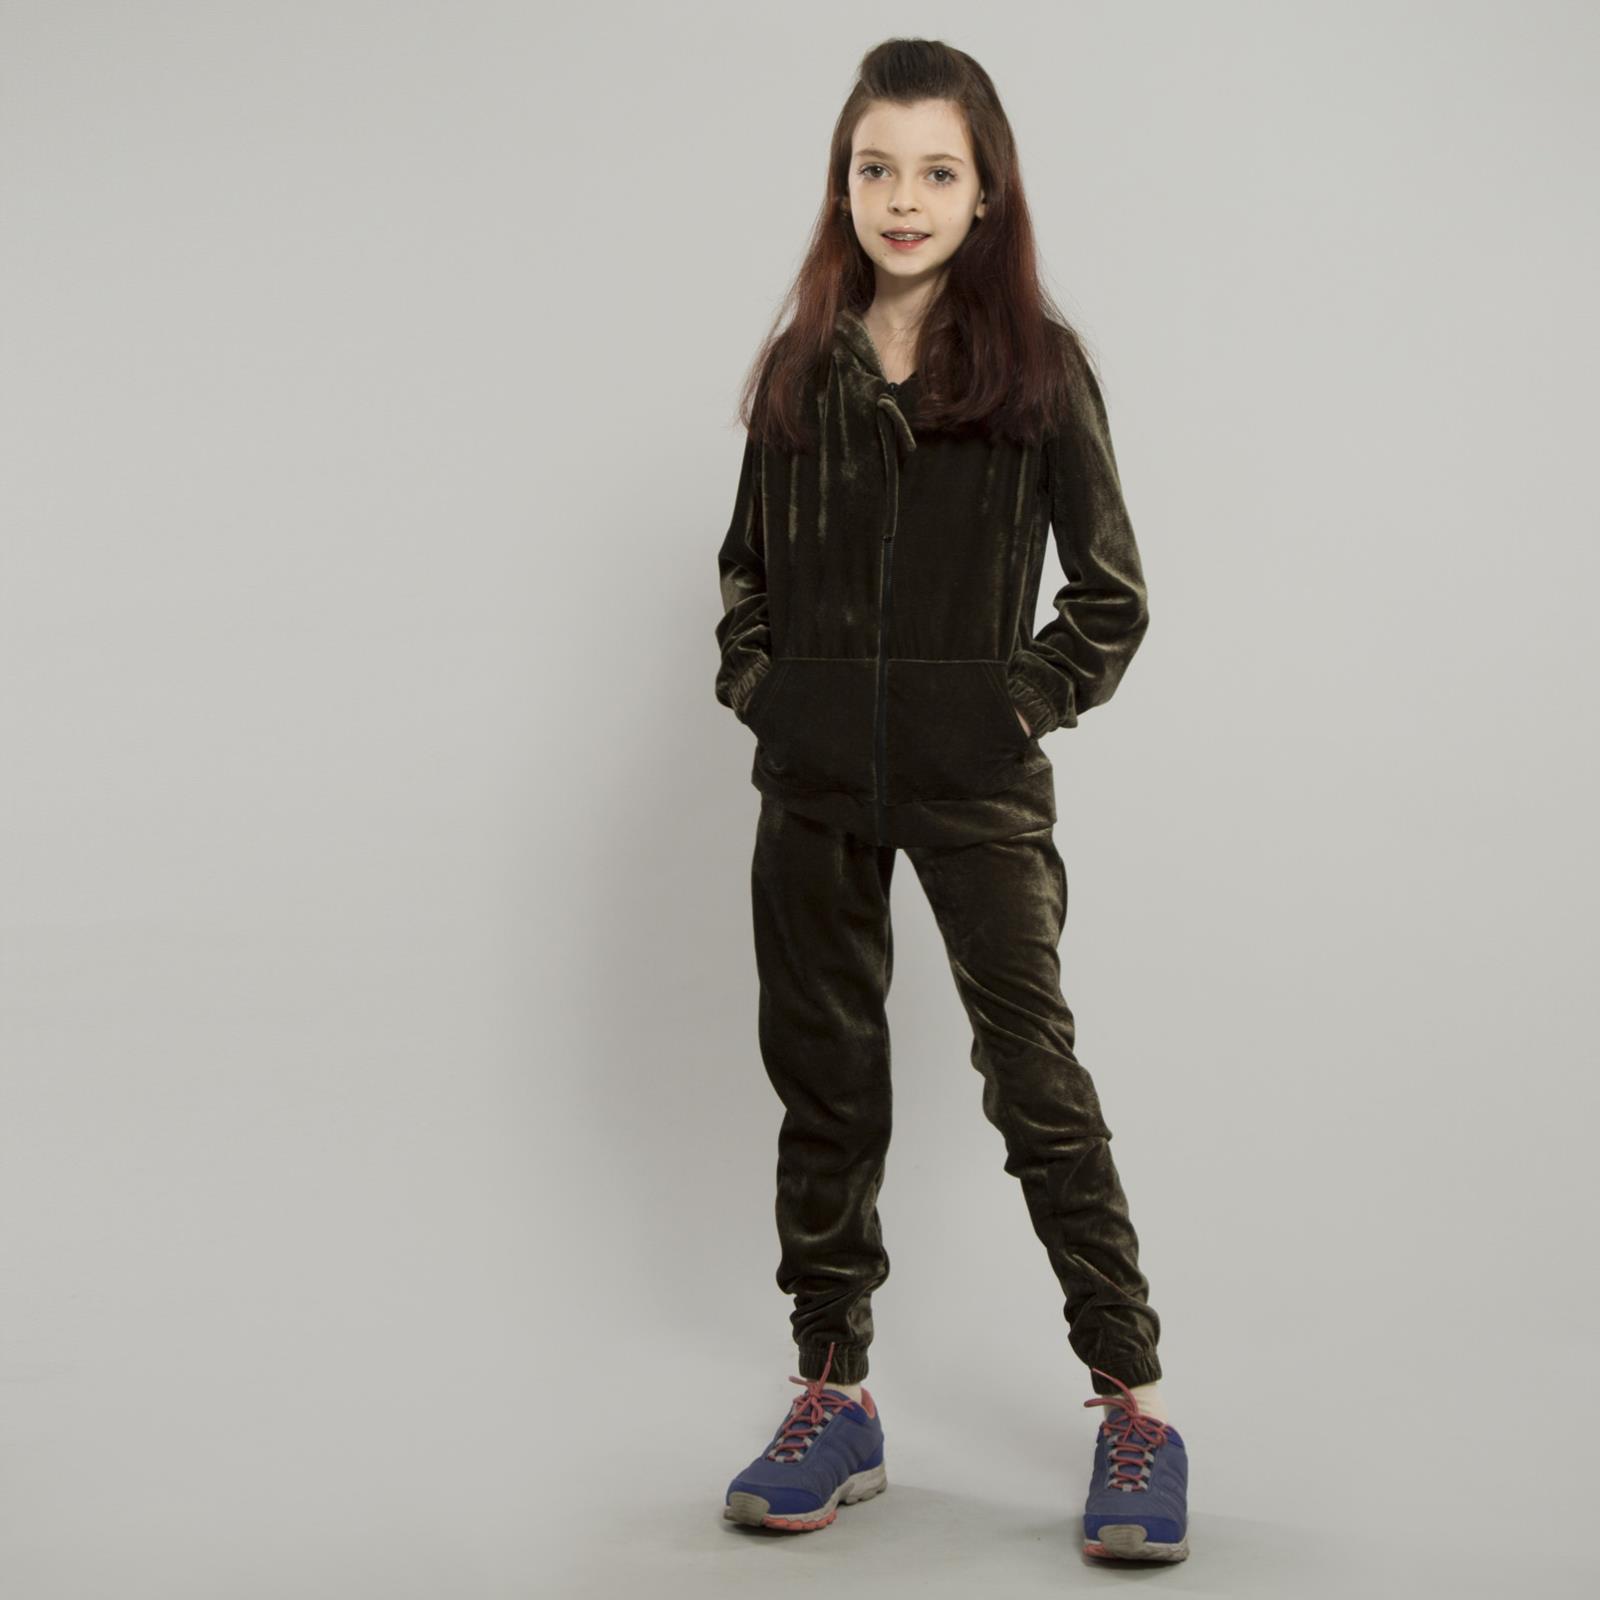 Спортивный костюм детские Garnamama модель 2EI~97175-2 цена, 2017